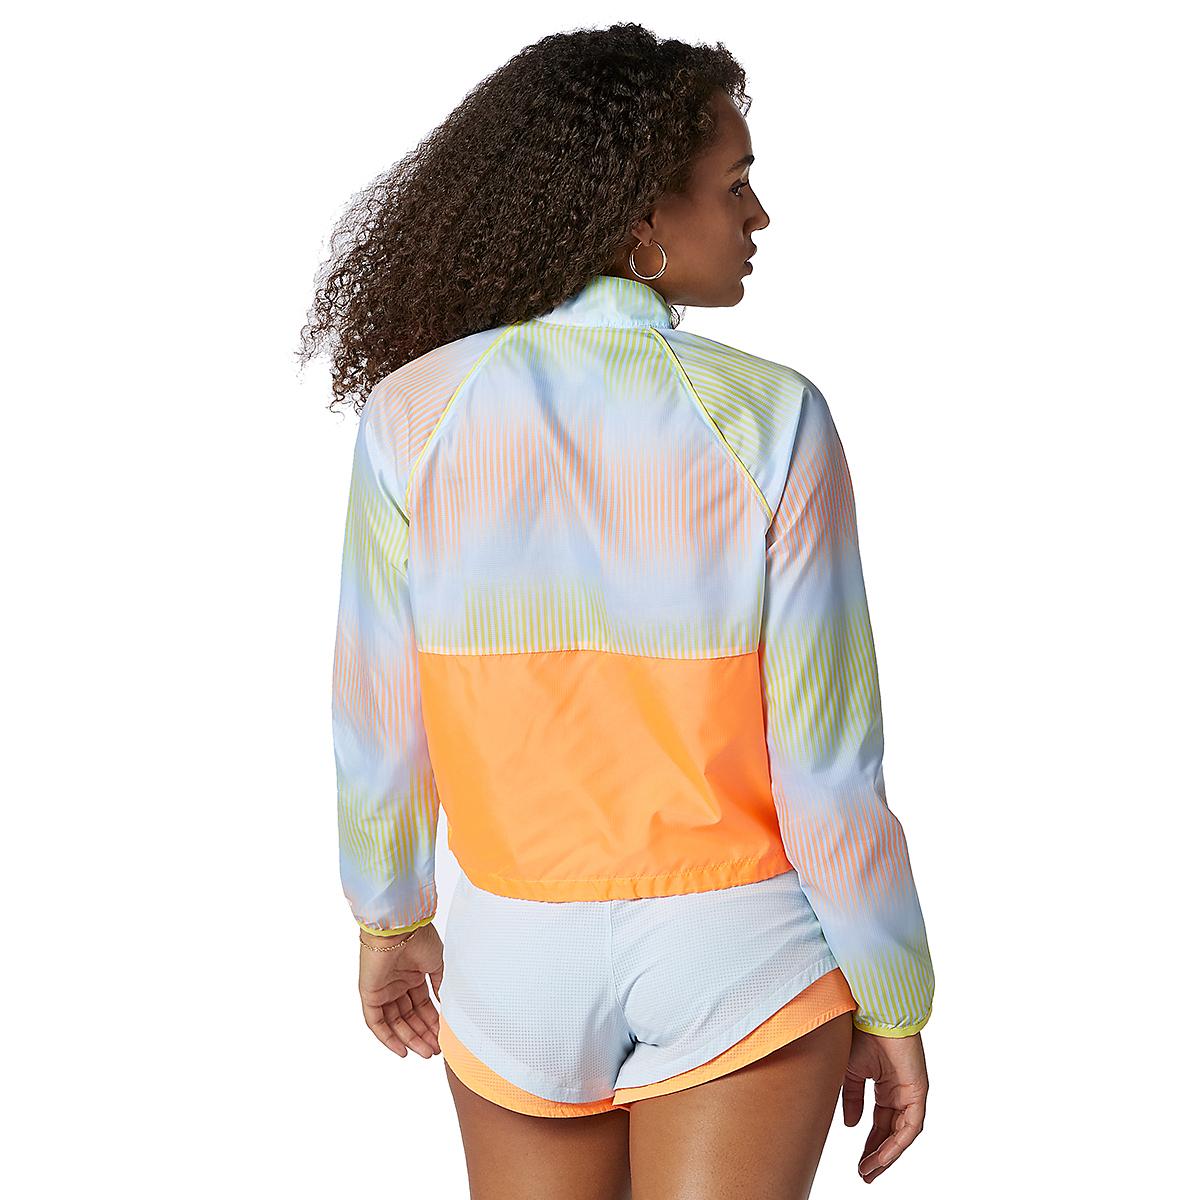 Women's New Balance Fast Flight Jacket - Color: Citrus Punch - Size: XS, Citrus Punch, large, image 3